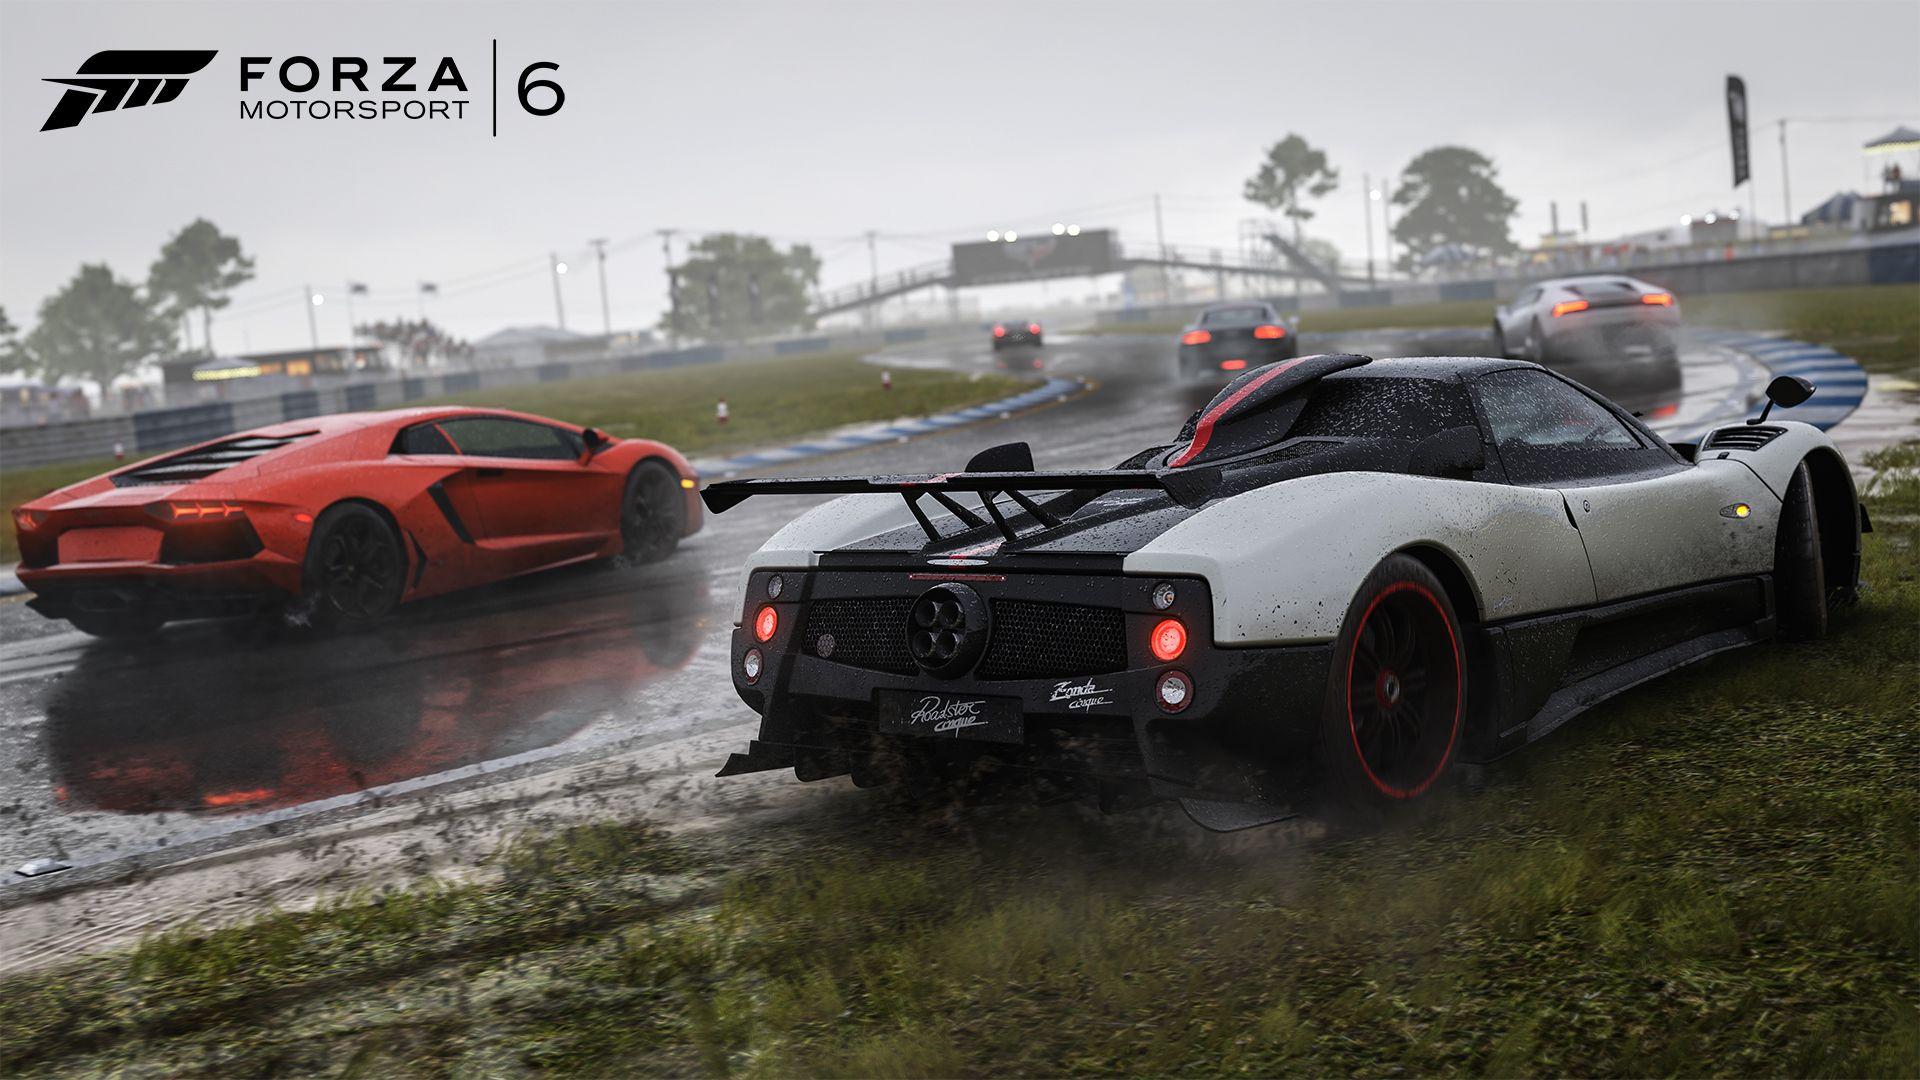 Detaily o tratích a autech ve Forza Motorsport 6 110368